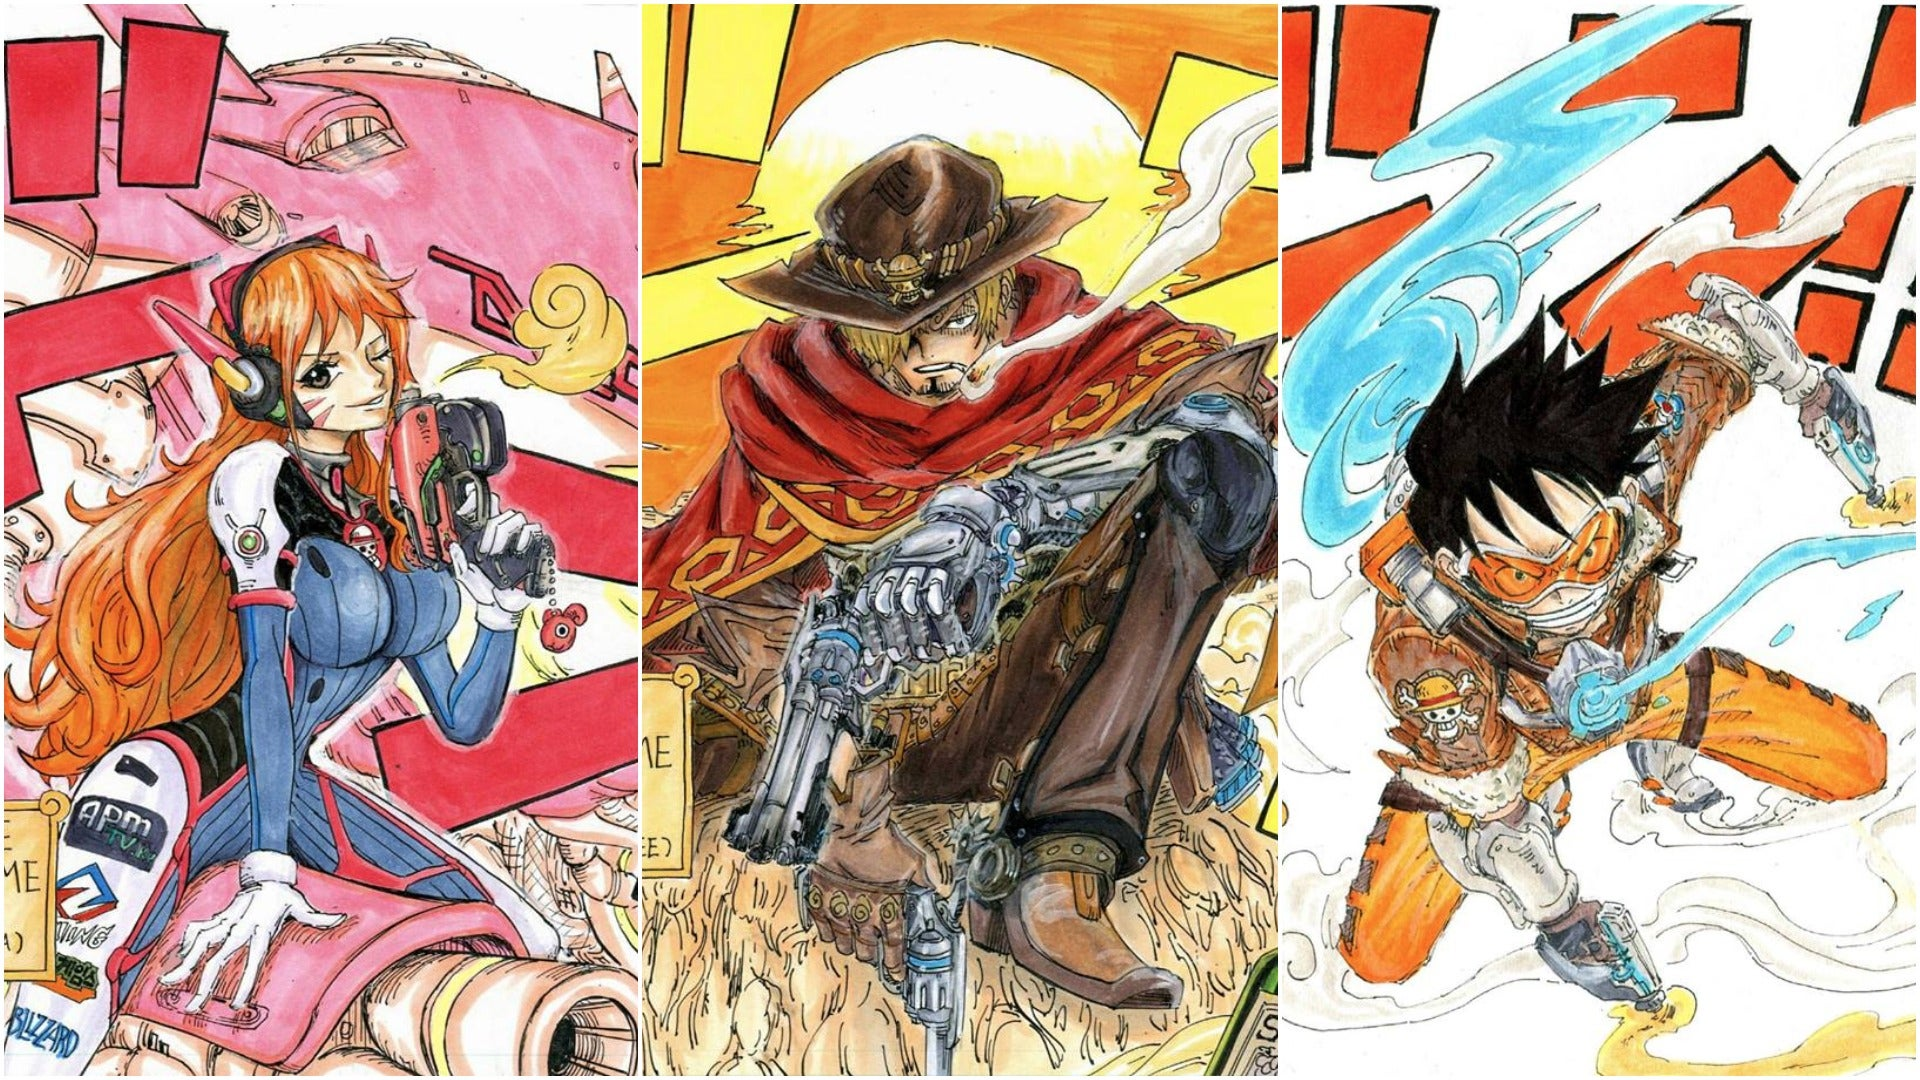 Berühmt When One Piece Meets Overwatch In Fan Art | Kotaku Australia GO53